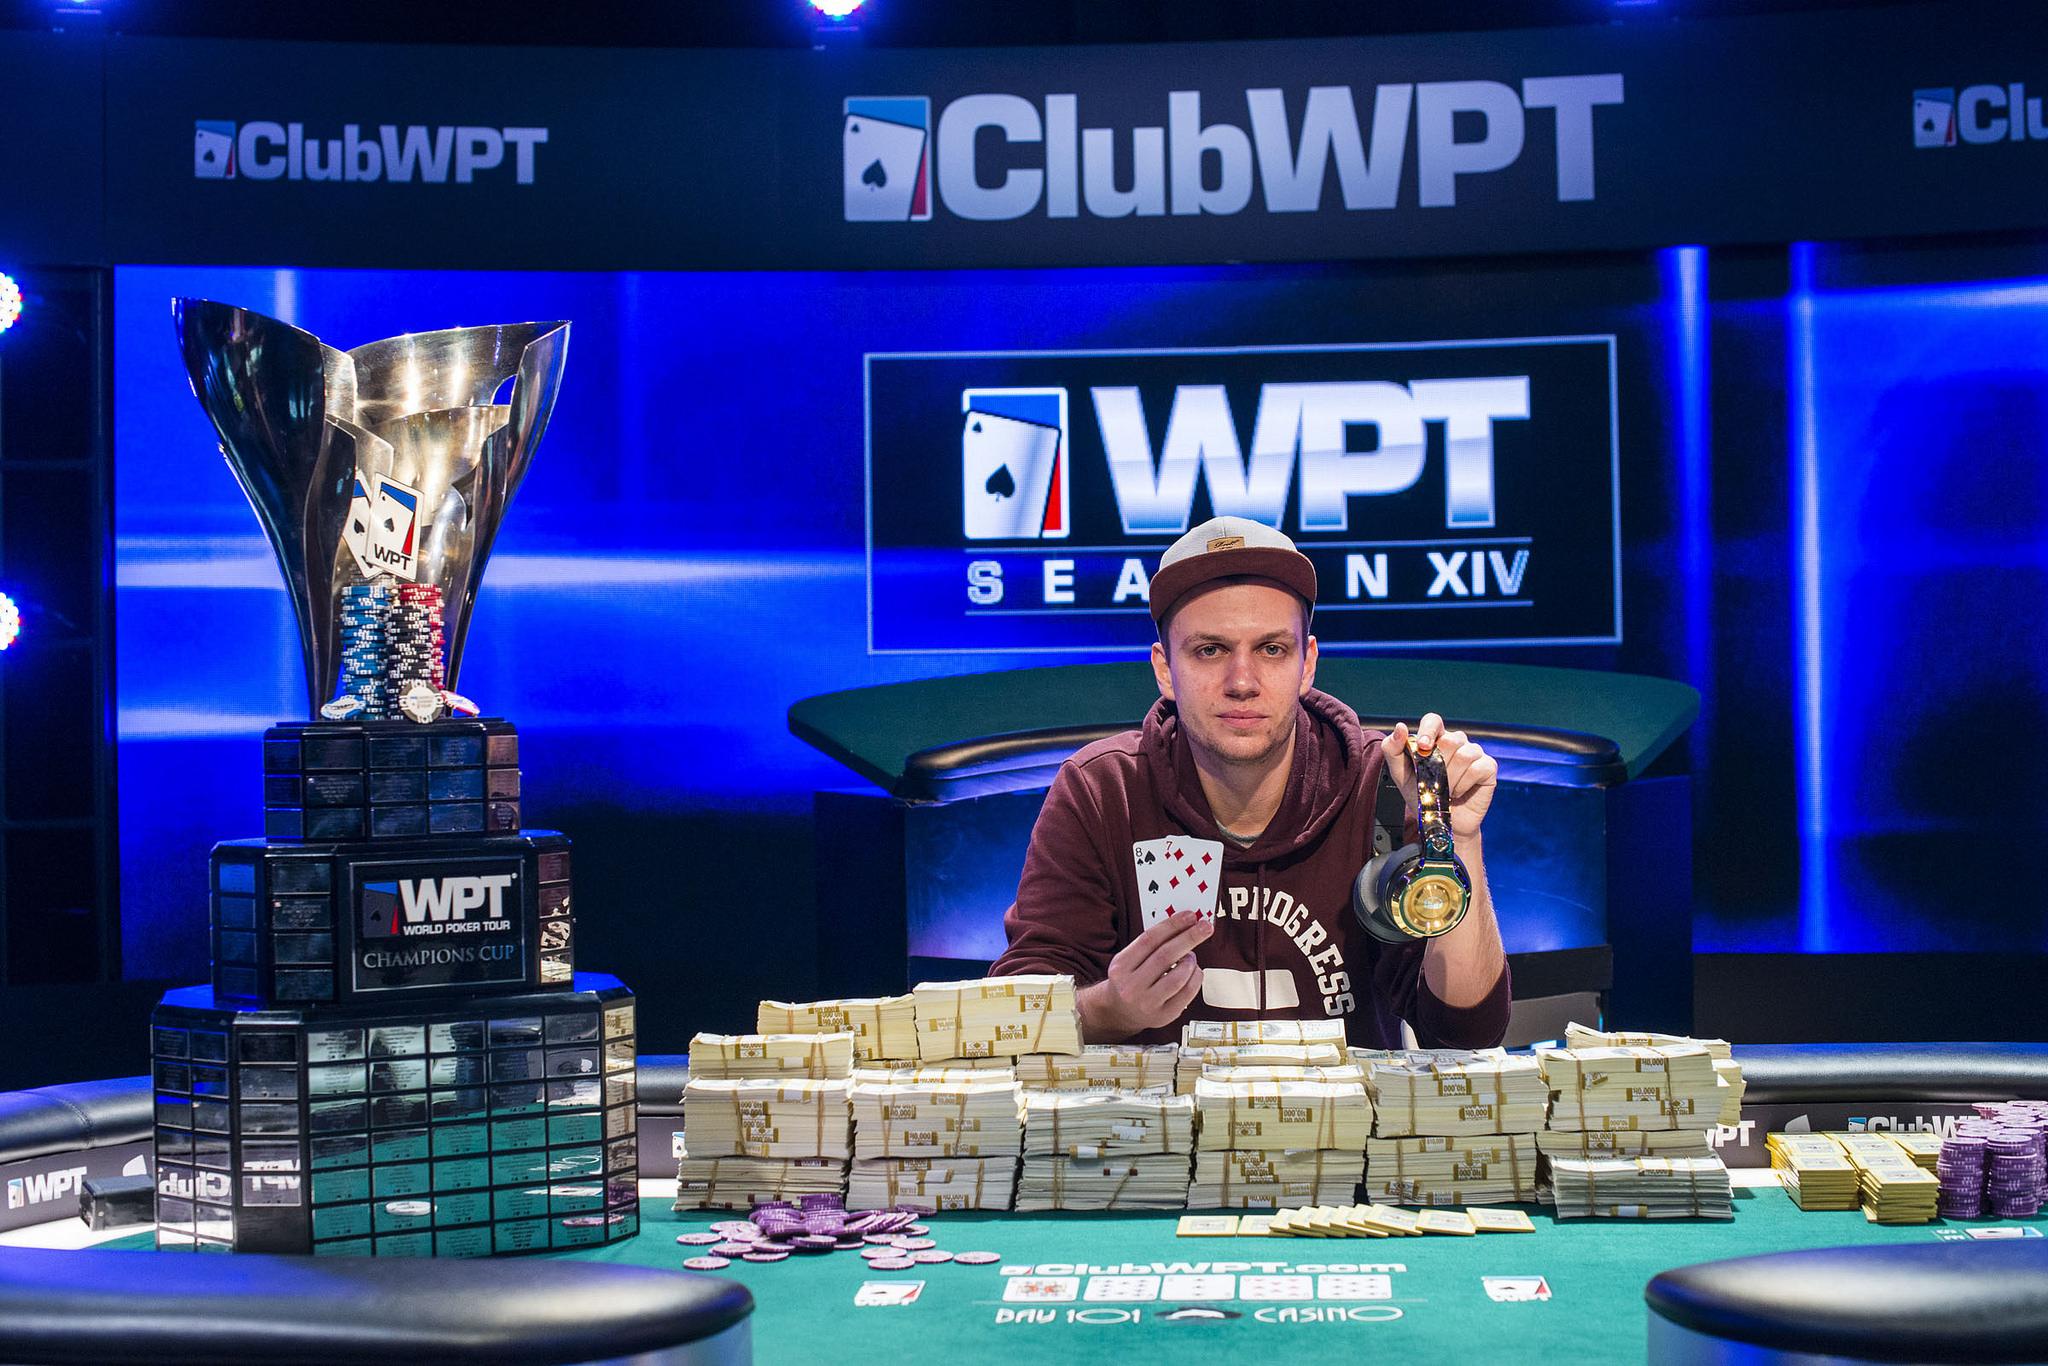 World poker tour 2017 tv schedule video poker deuces wild